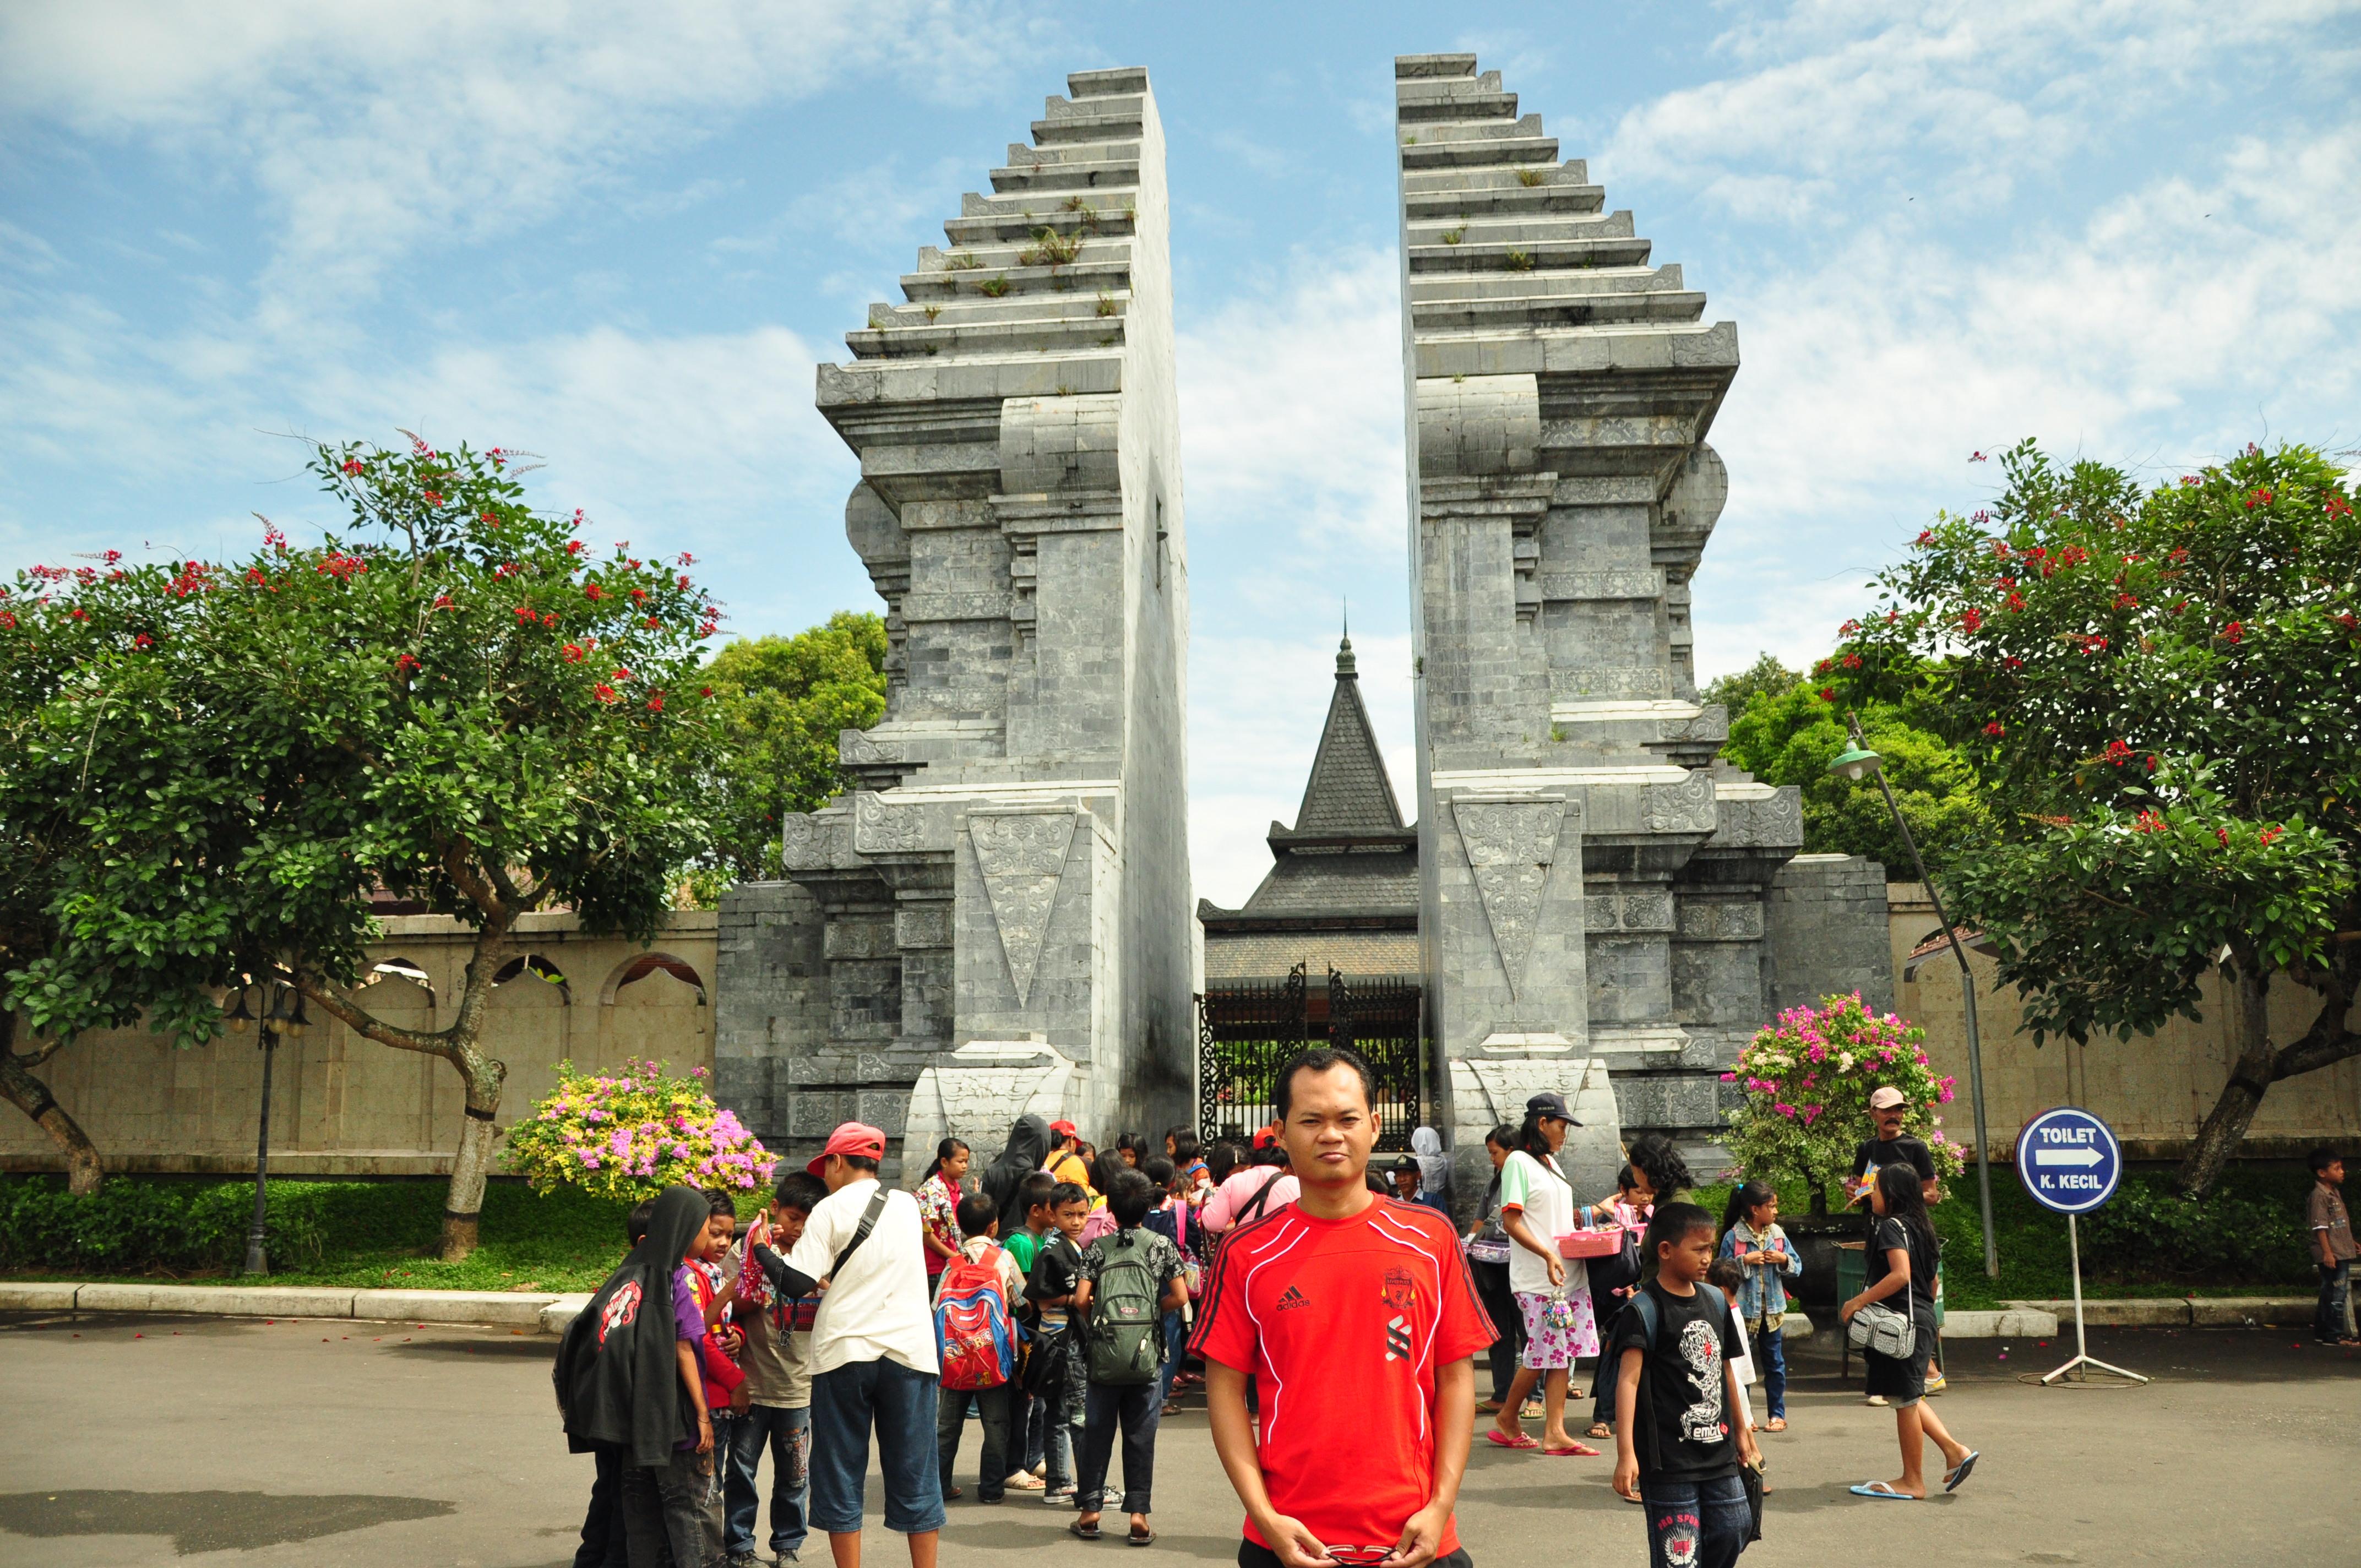 Wisata Kota Blitar Pecintawisata Perjalanan Lanjutkan Makam Bung Karno Kab